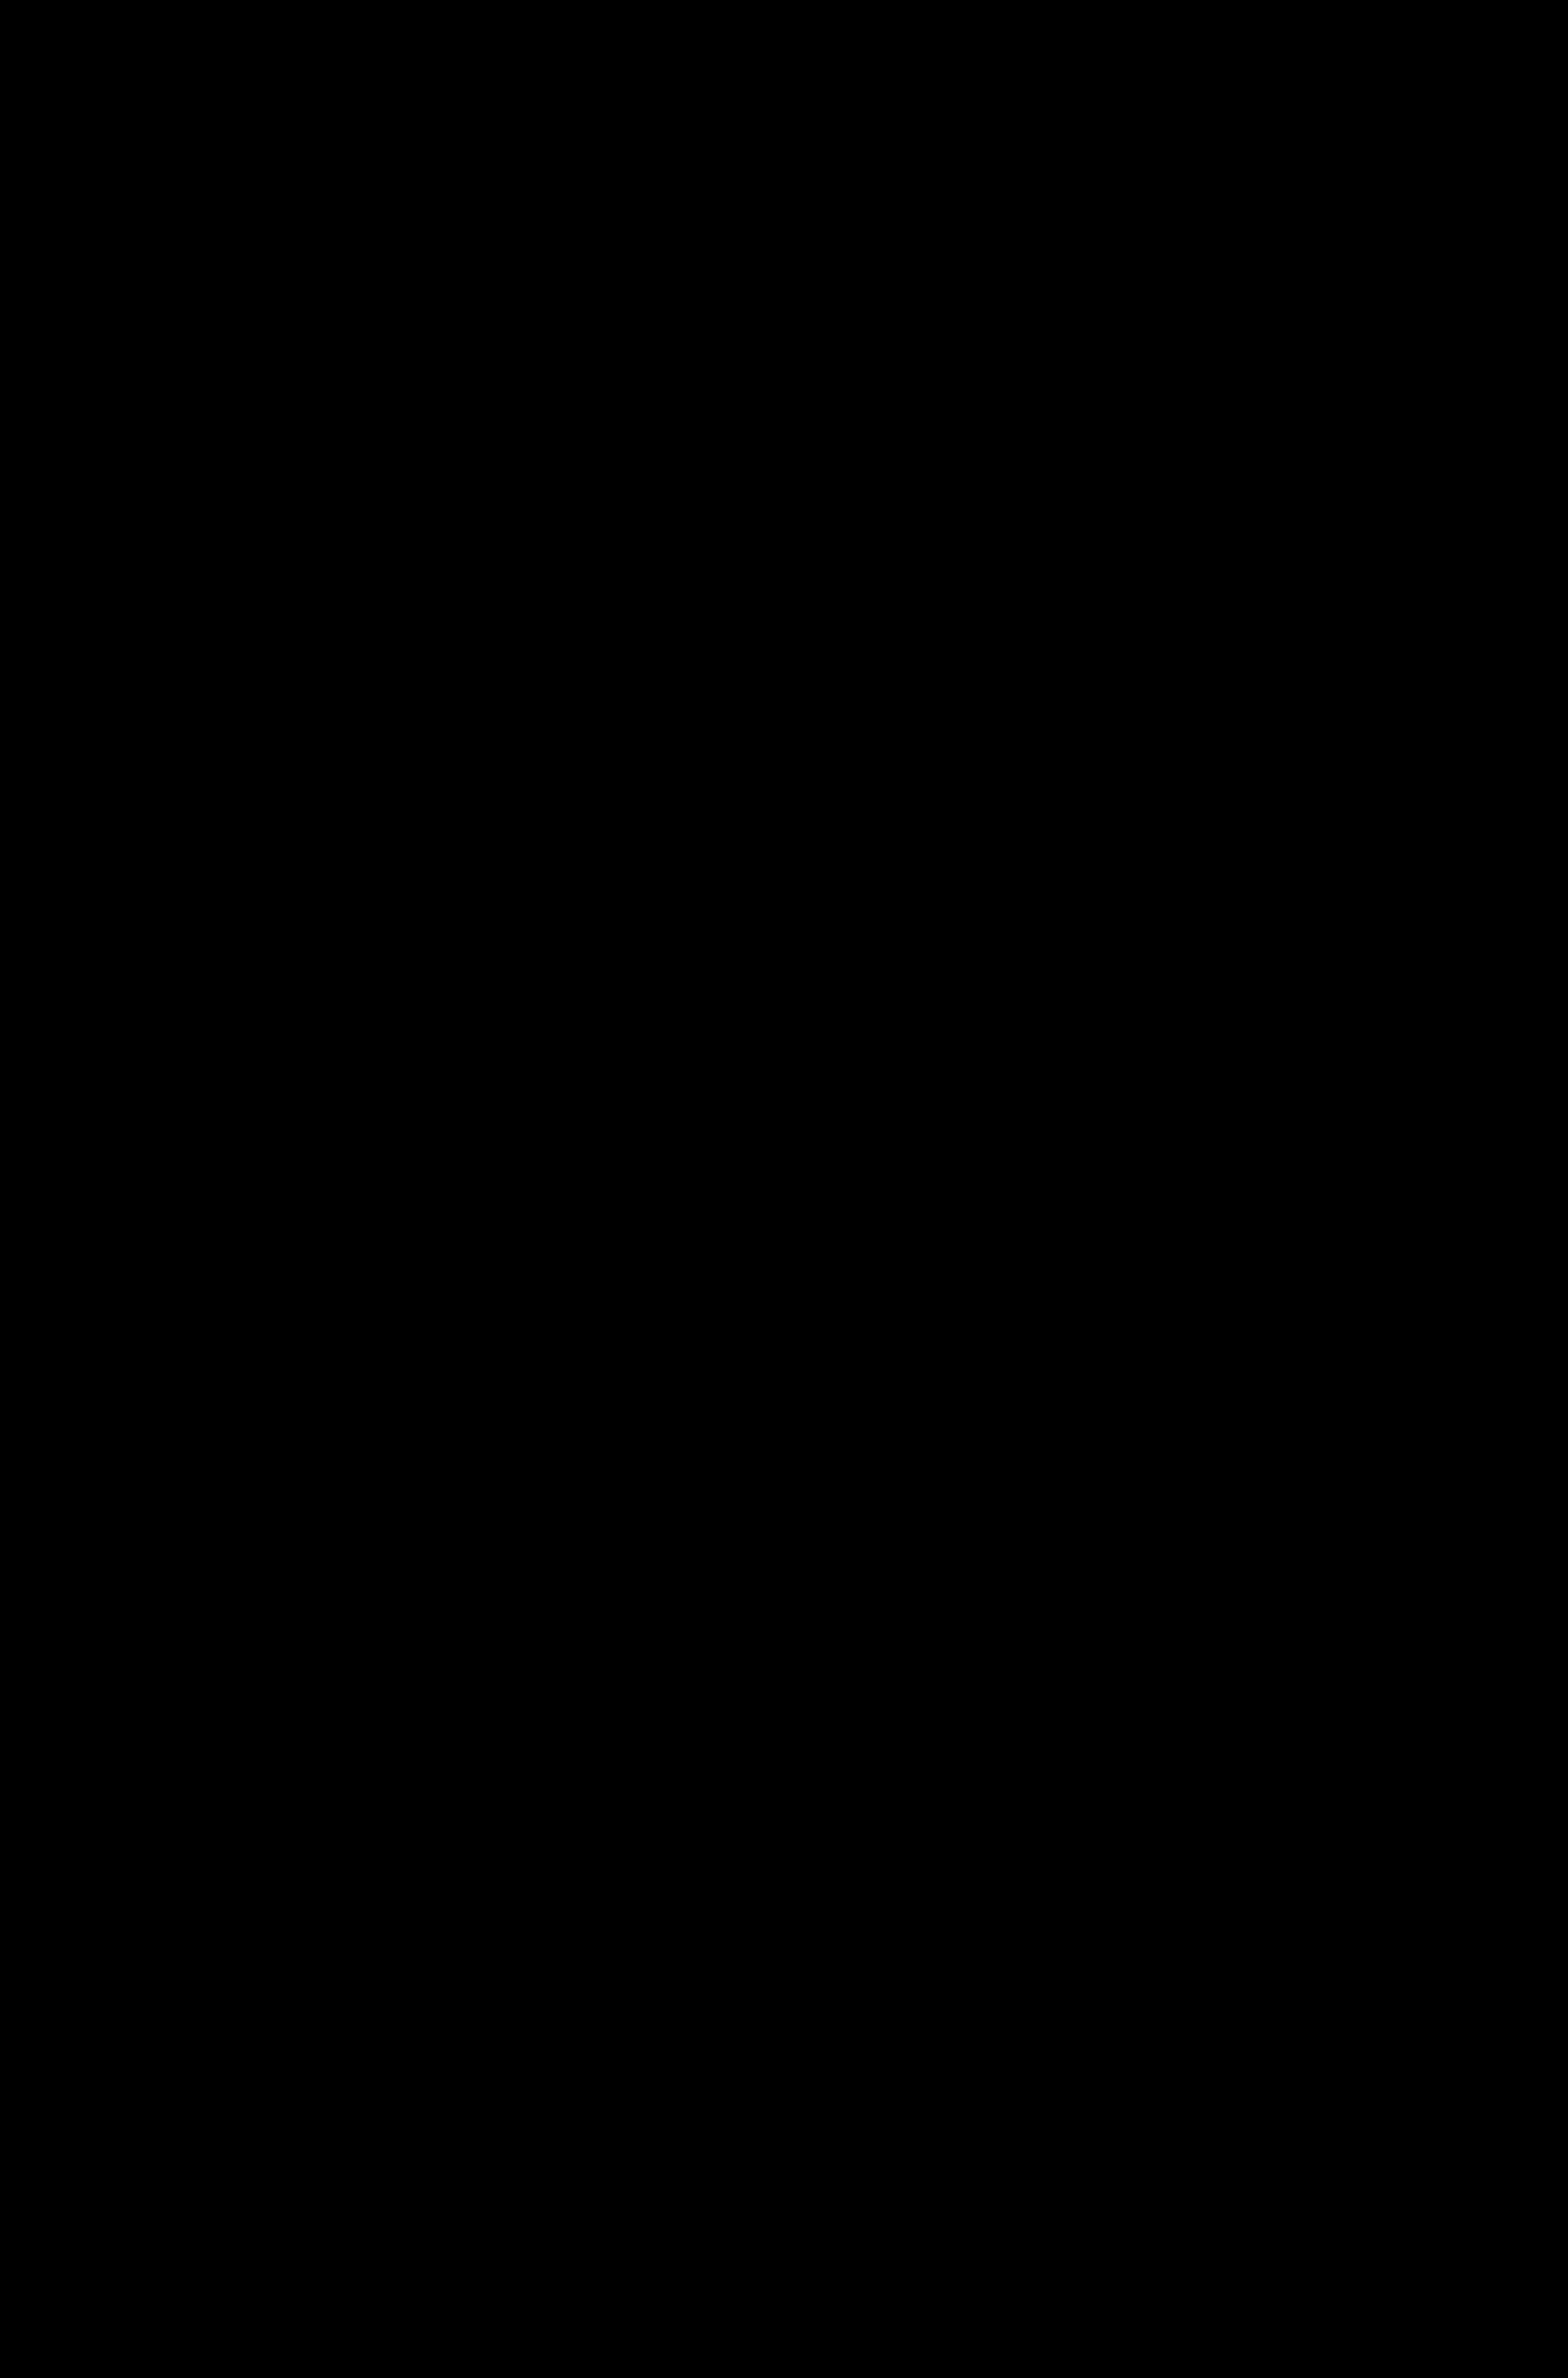 Mta Subway Map 101 2001.Matbus Homepage